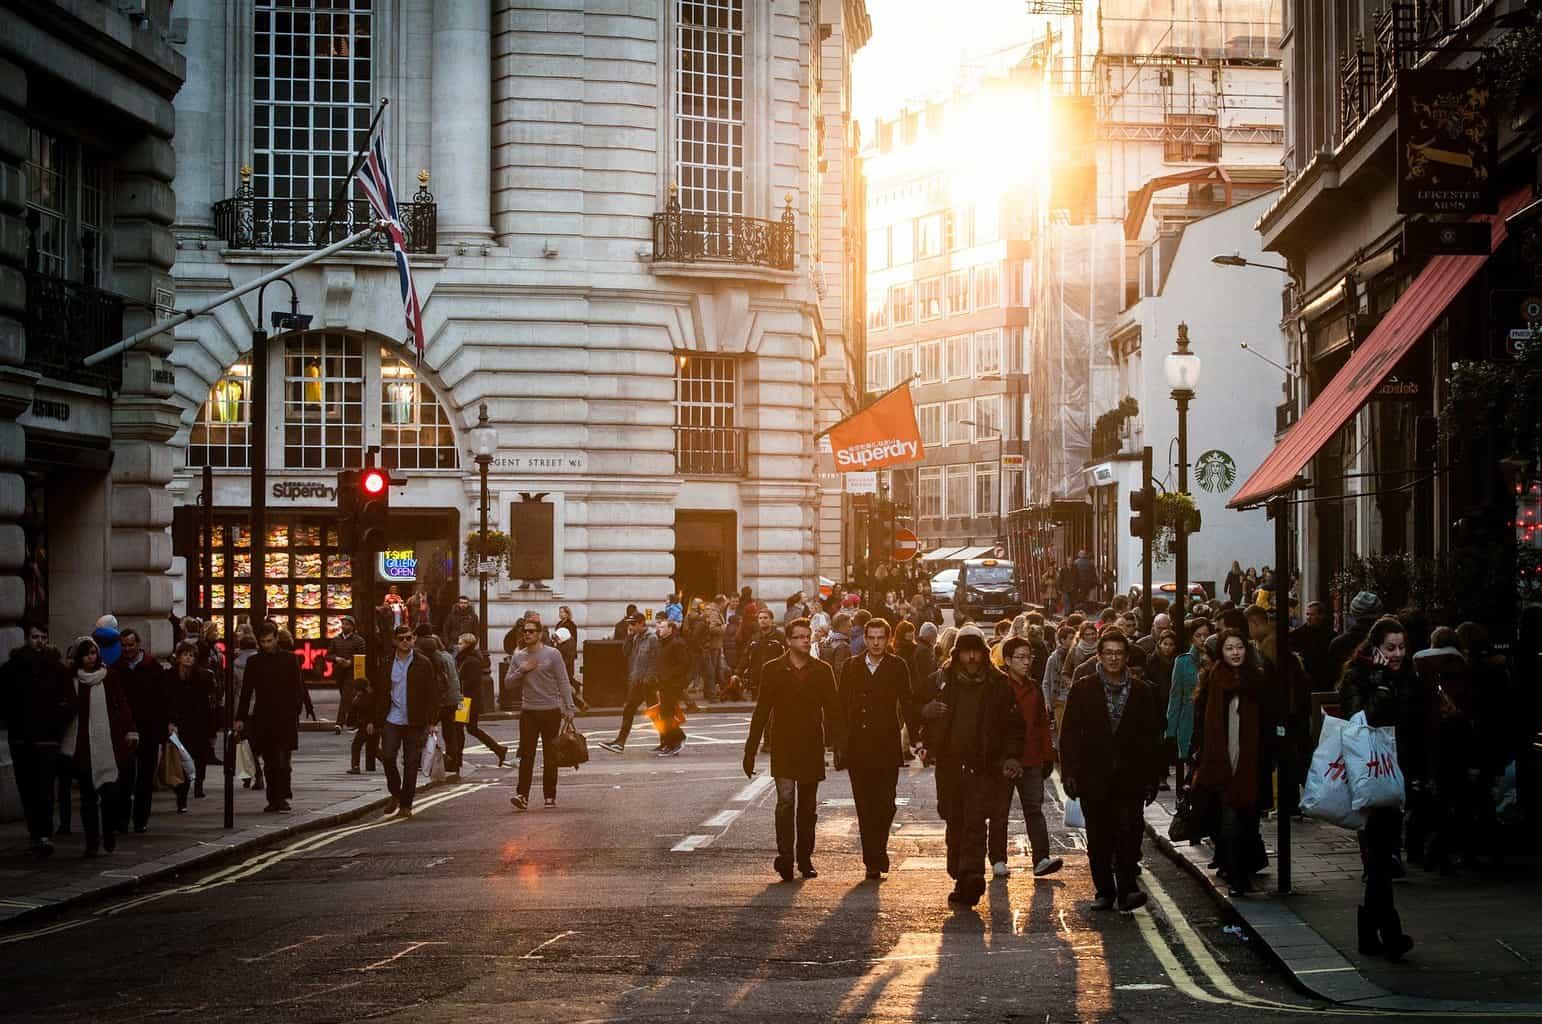 People walking down a street in London